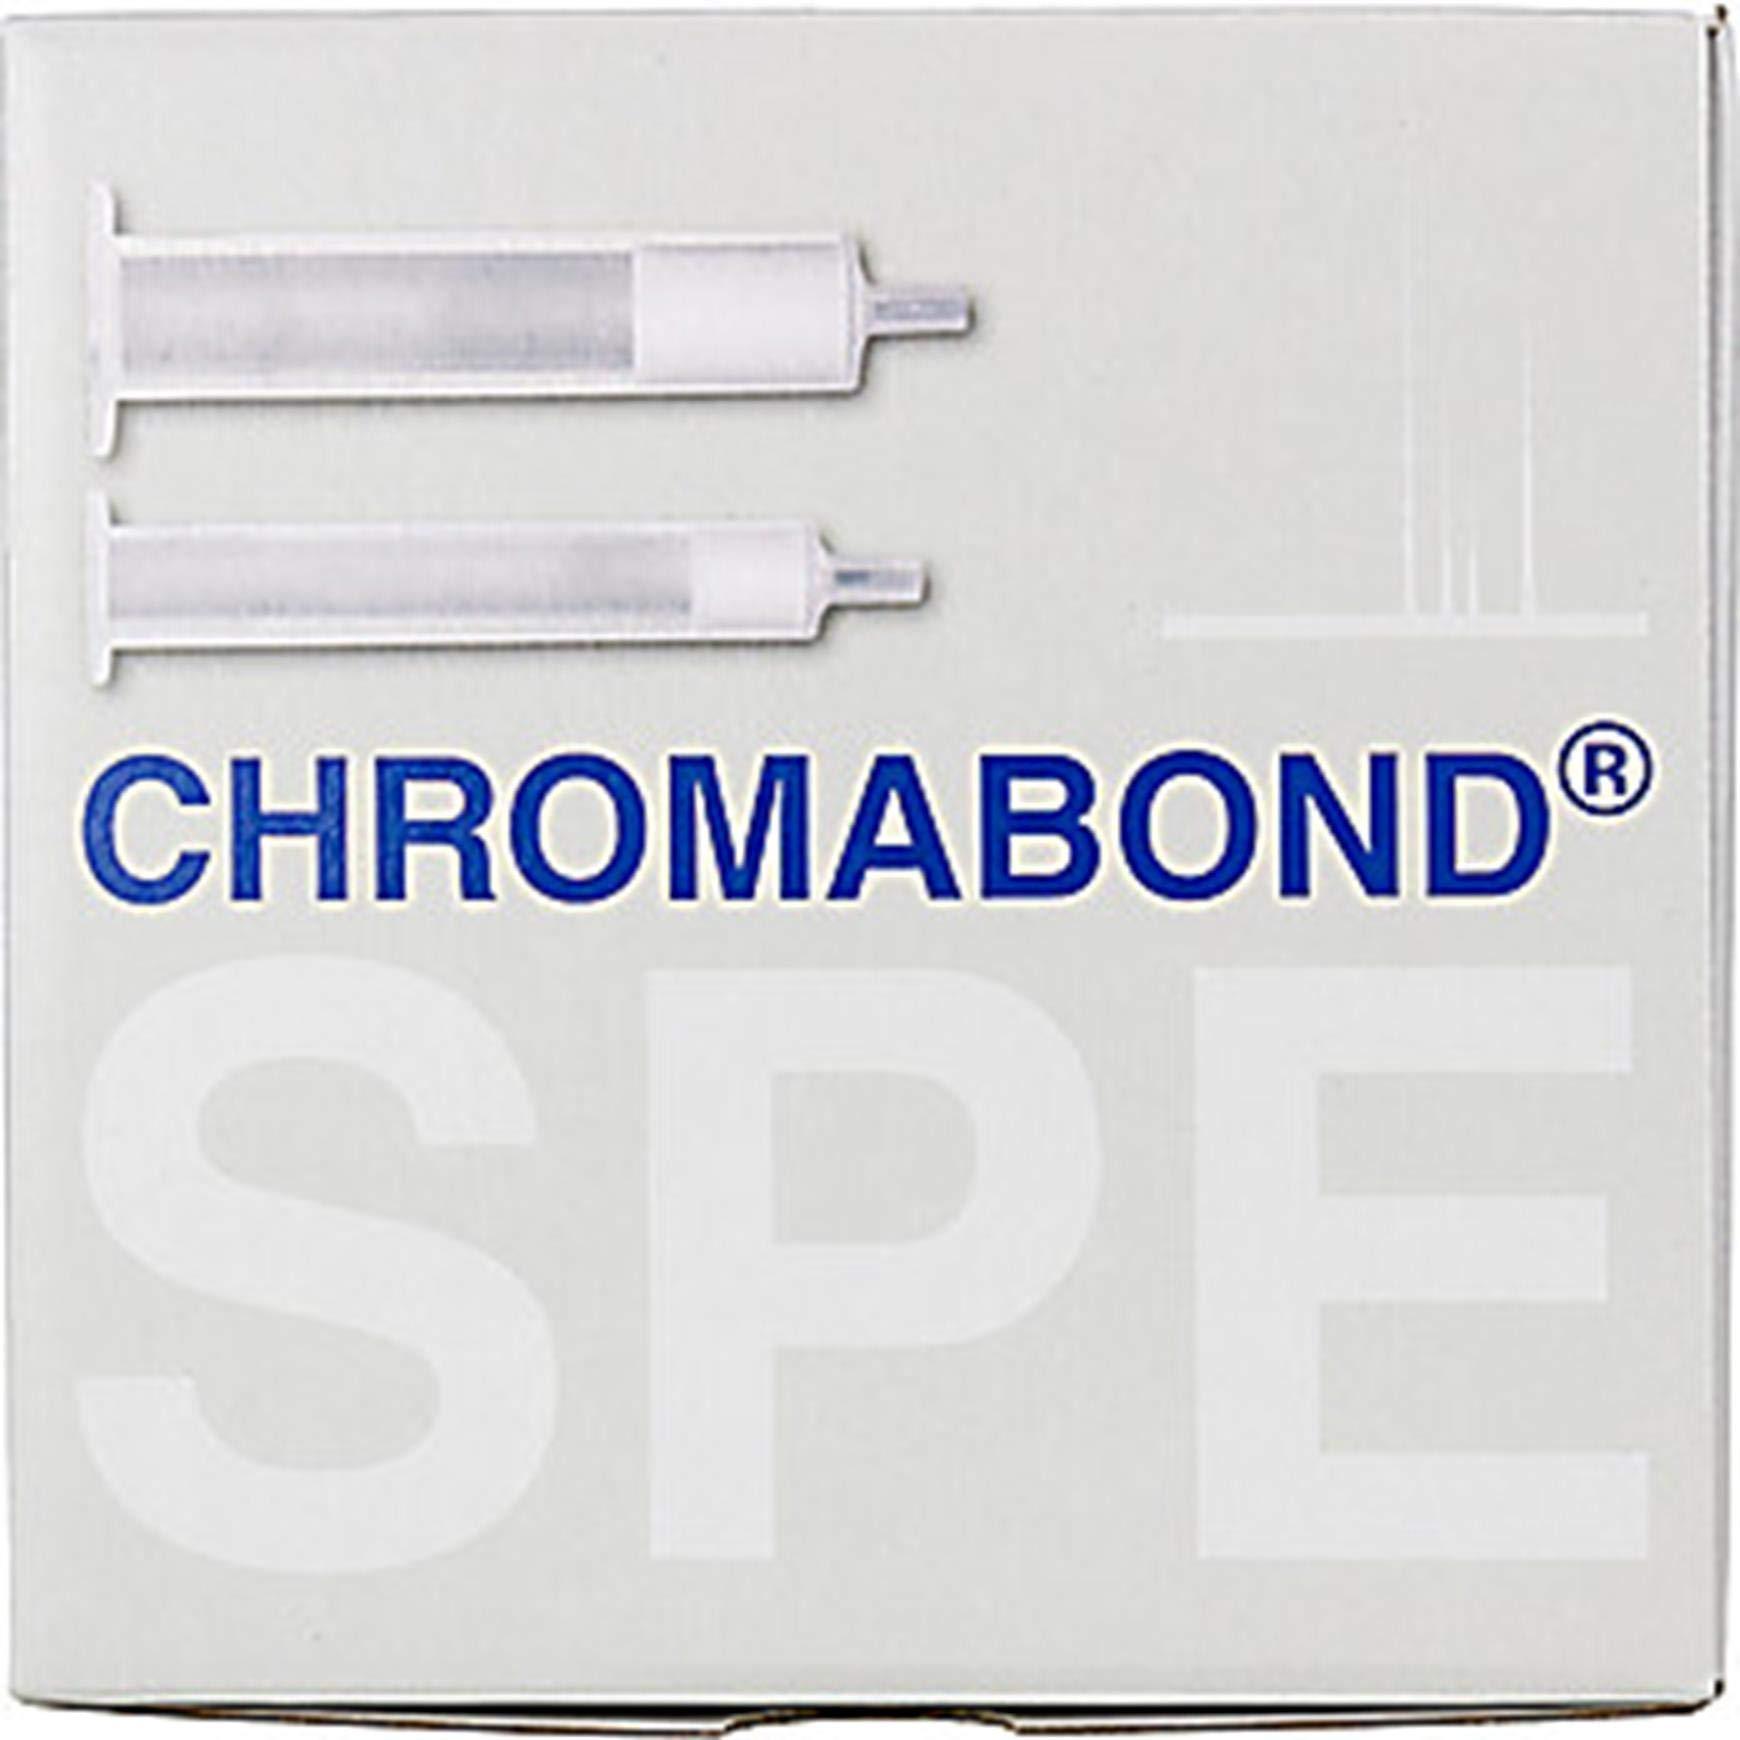 MACHEREY-NAGEL 730507 CHROMABOND XTR SPE Polypropylene Column, 70 ml Volume, 14500mg Adsorbent Weight (Pack of 30) by Macherey-Nagel